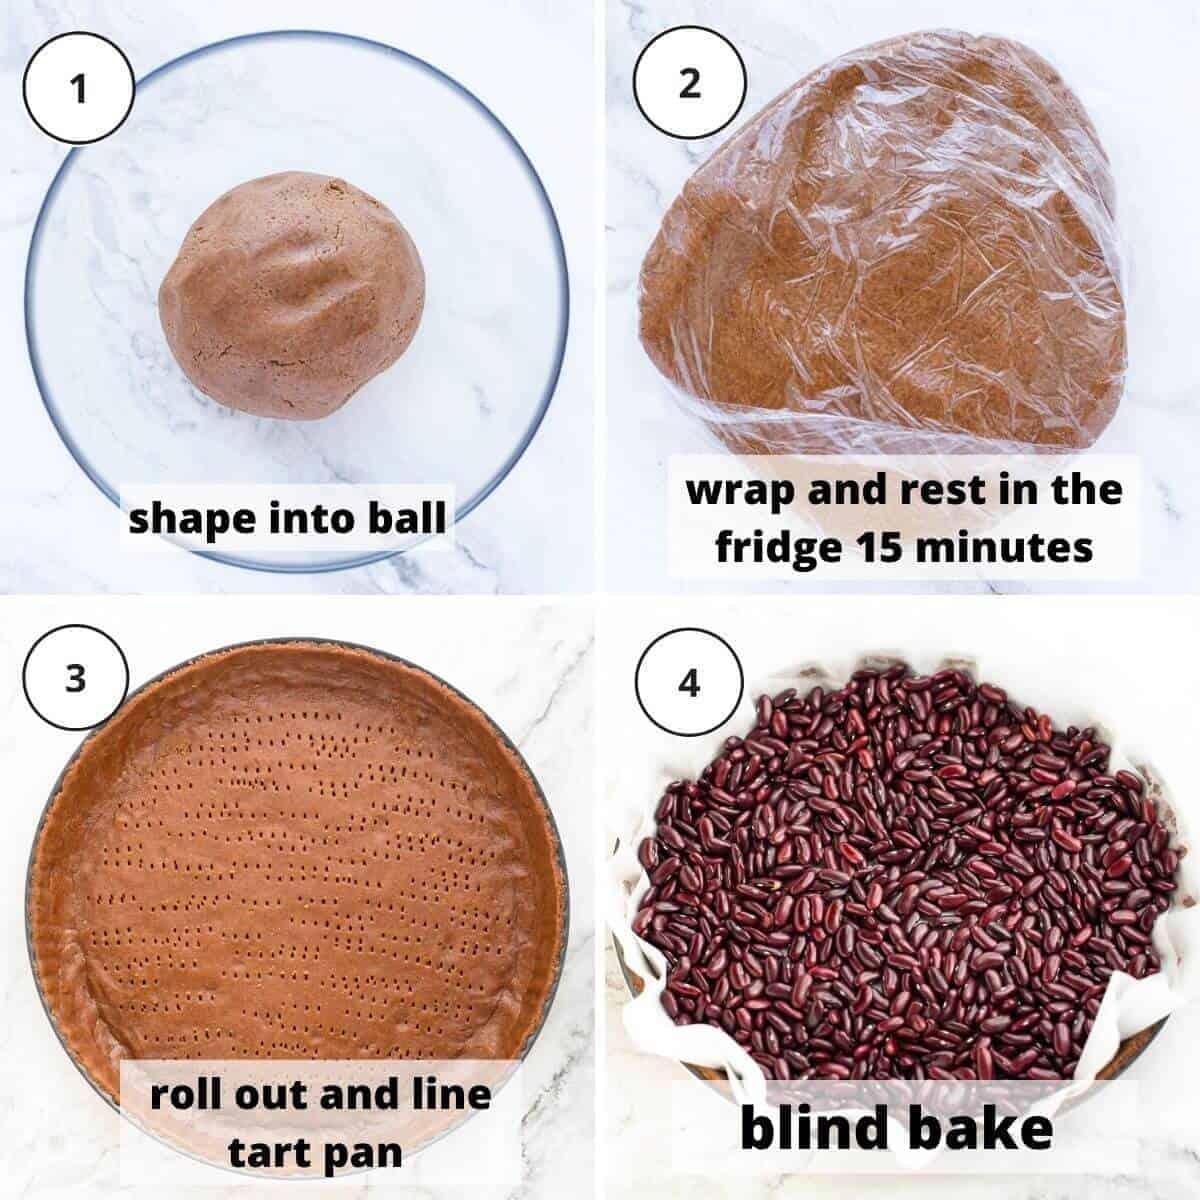 steps to bake tart pastry.